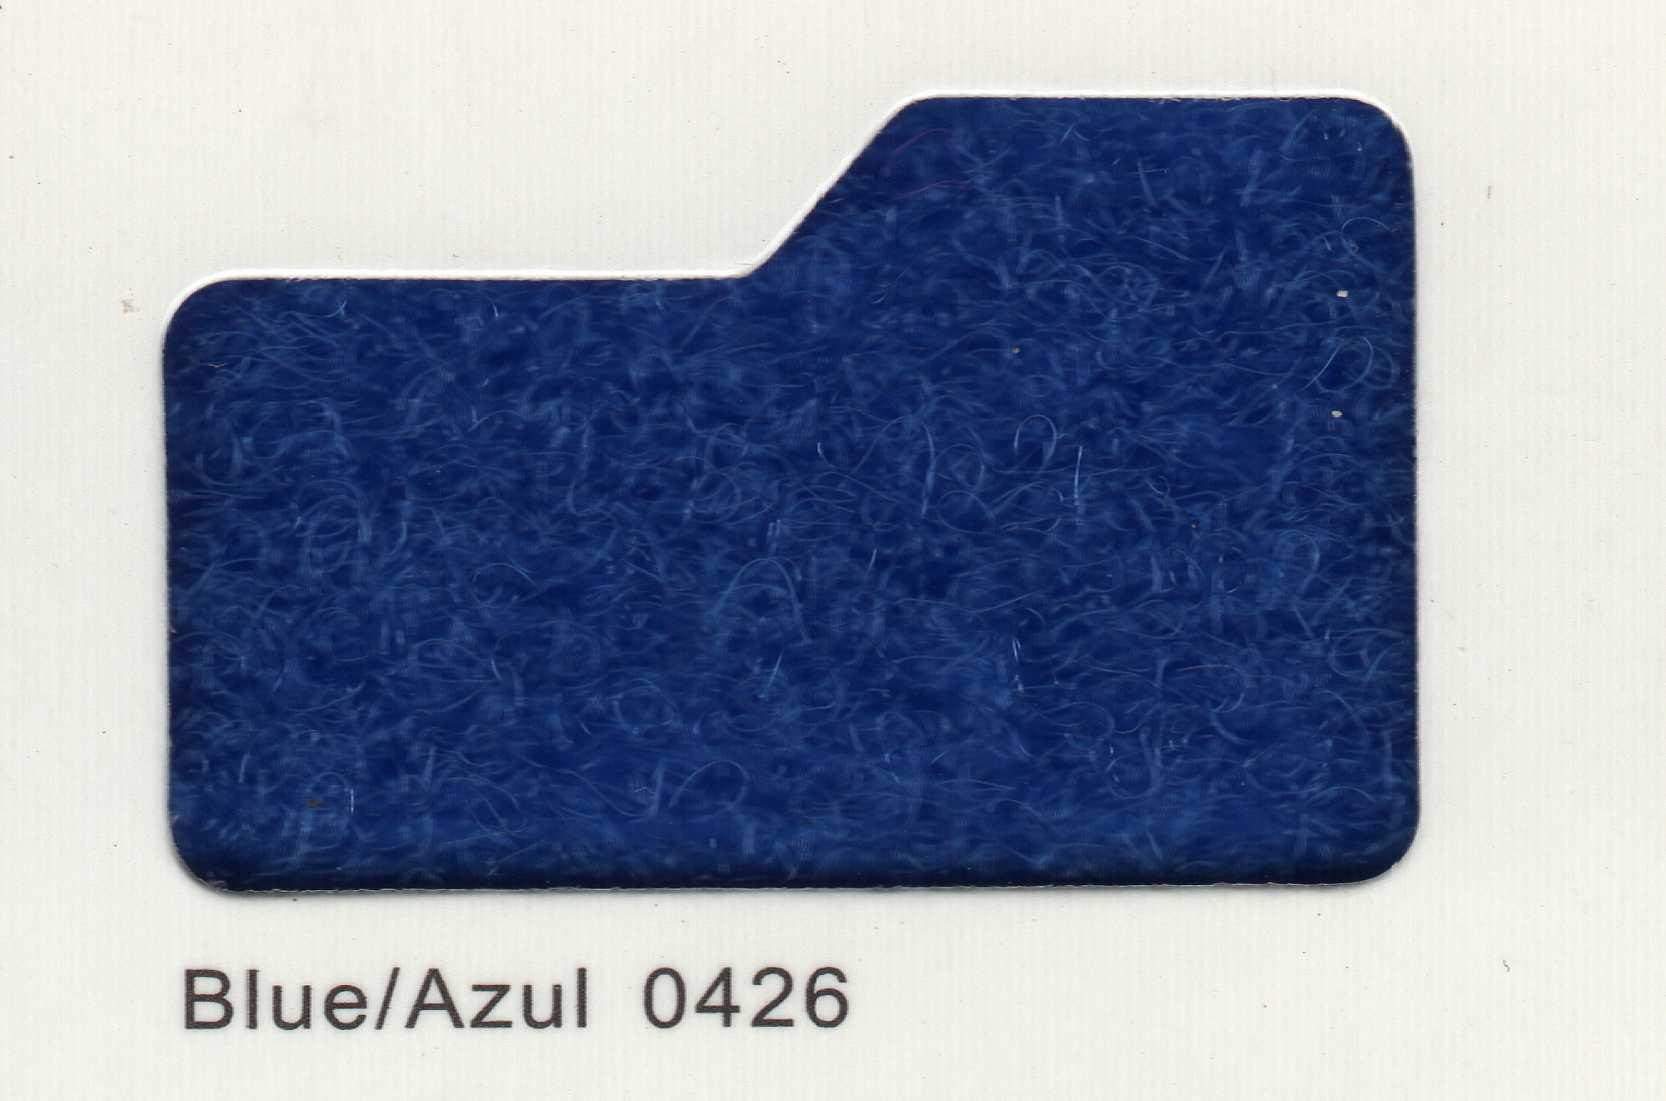 Cinta de cierre Velcro-Veraco 20mm Azul 0426 (Rizo).